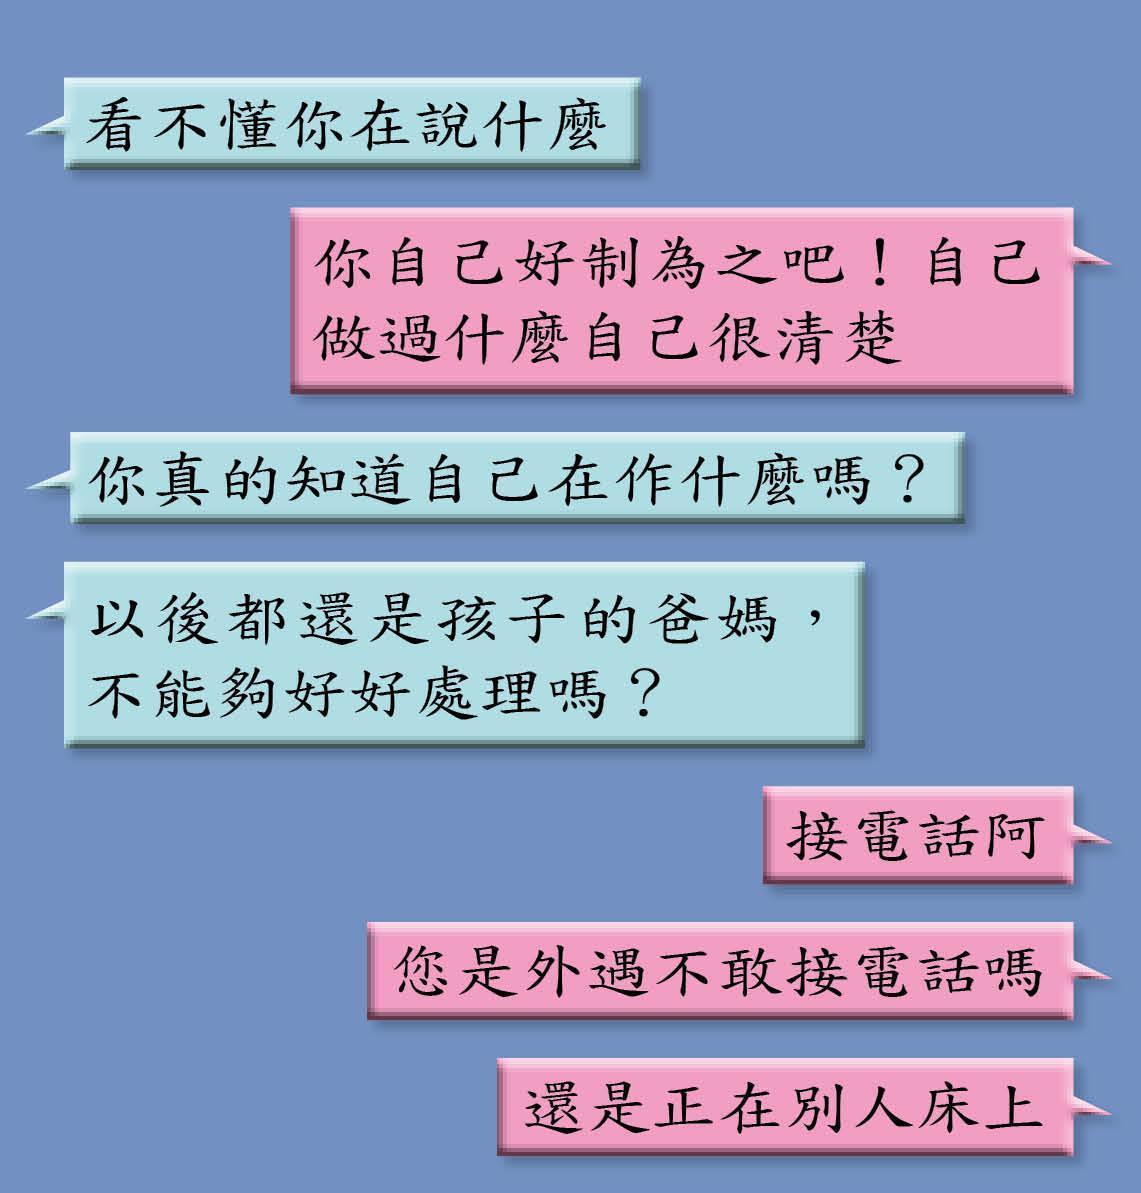 原本始終失聯的張劭緯,月初突傳訊息責罵老婆安晨妤:「你真的知道自己在作什麼嗎?」